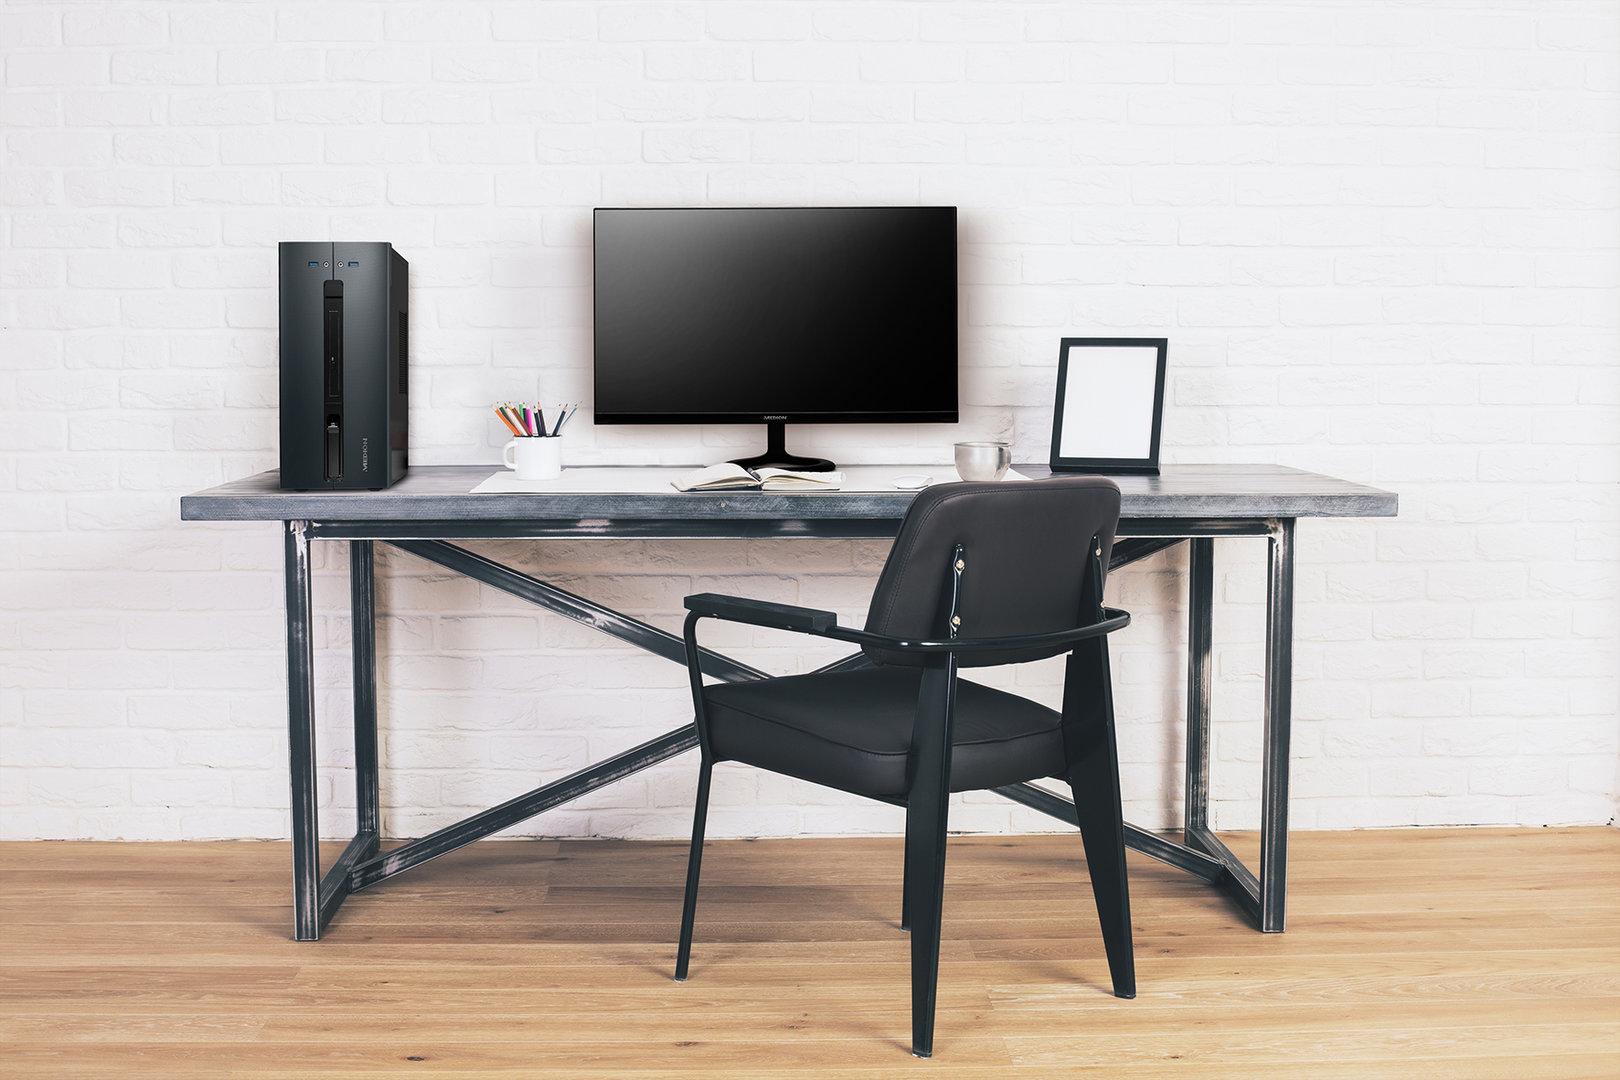 medion p62020 infos und gewinnspiel zum neuen aldi pc. Black Bedroom Furniture Sets. Home Design Ideas